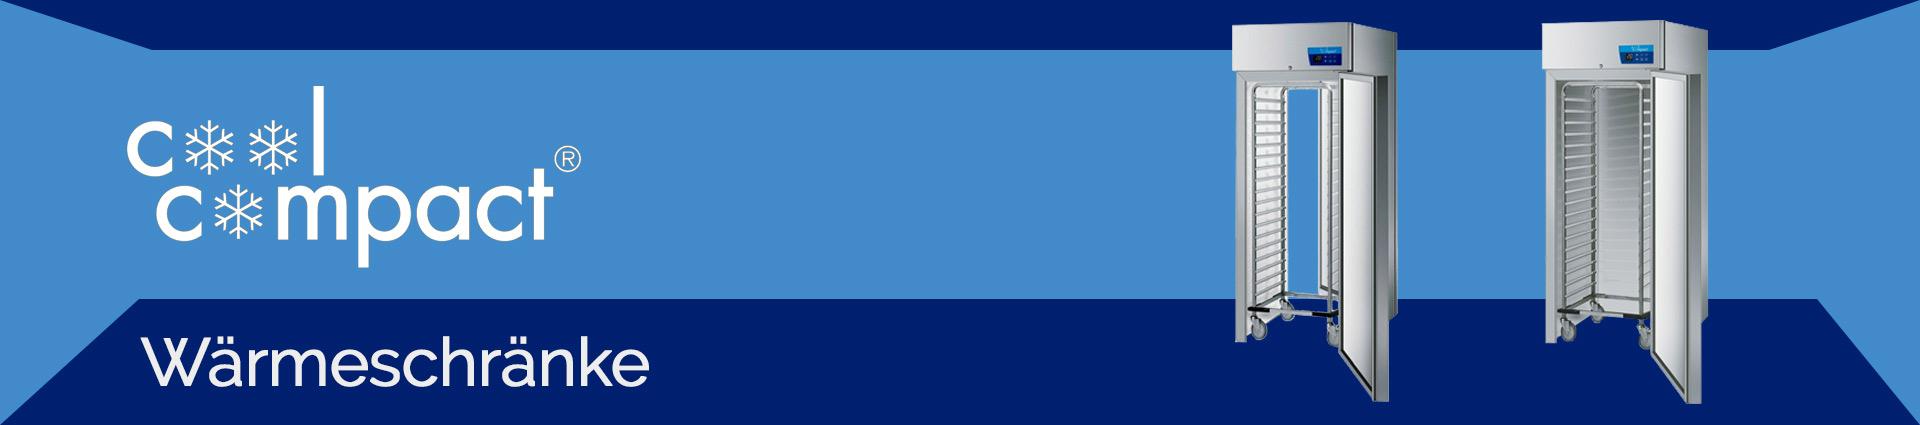 Cool Compact Wärmeschränke Banner